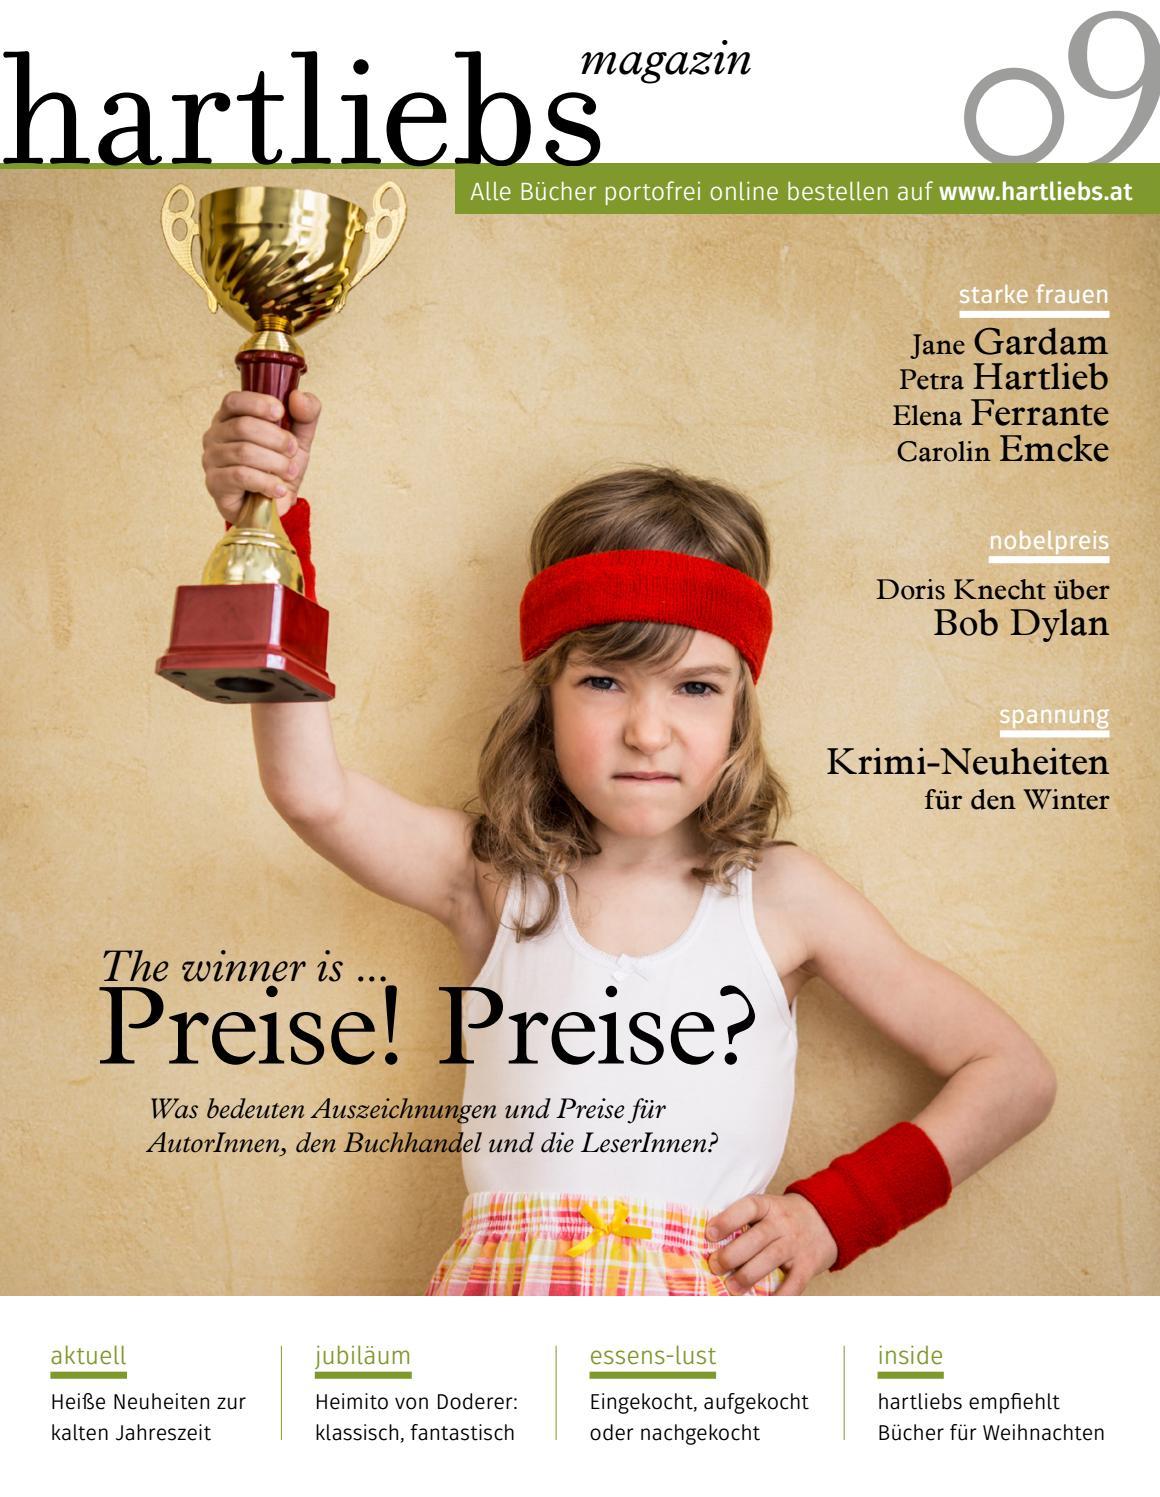 hartliebs magazin 09 by Atelier Tiefner GmbH - issuu